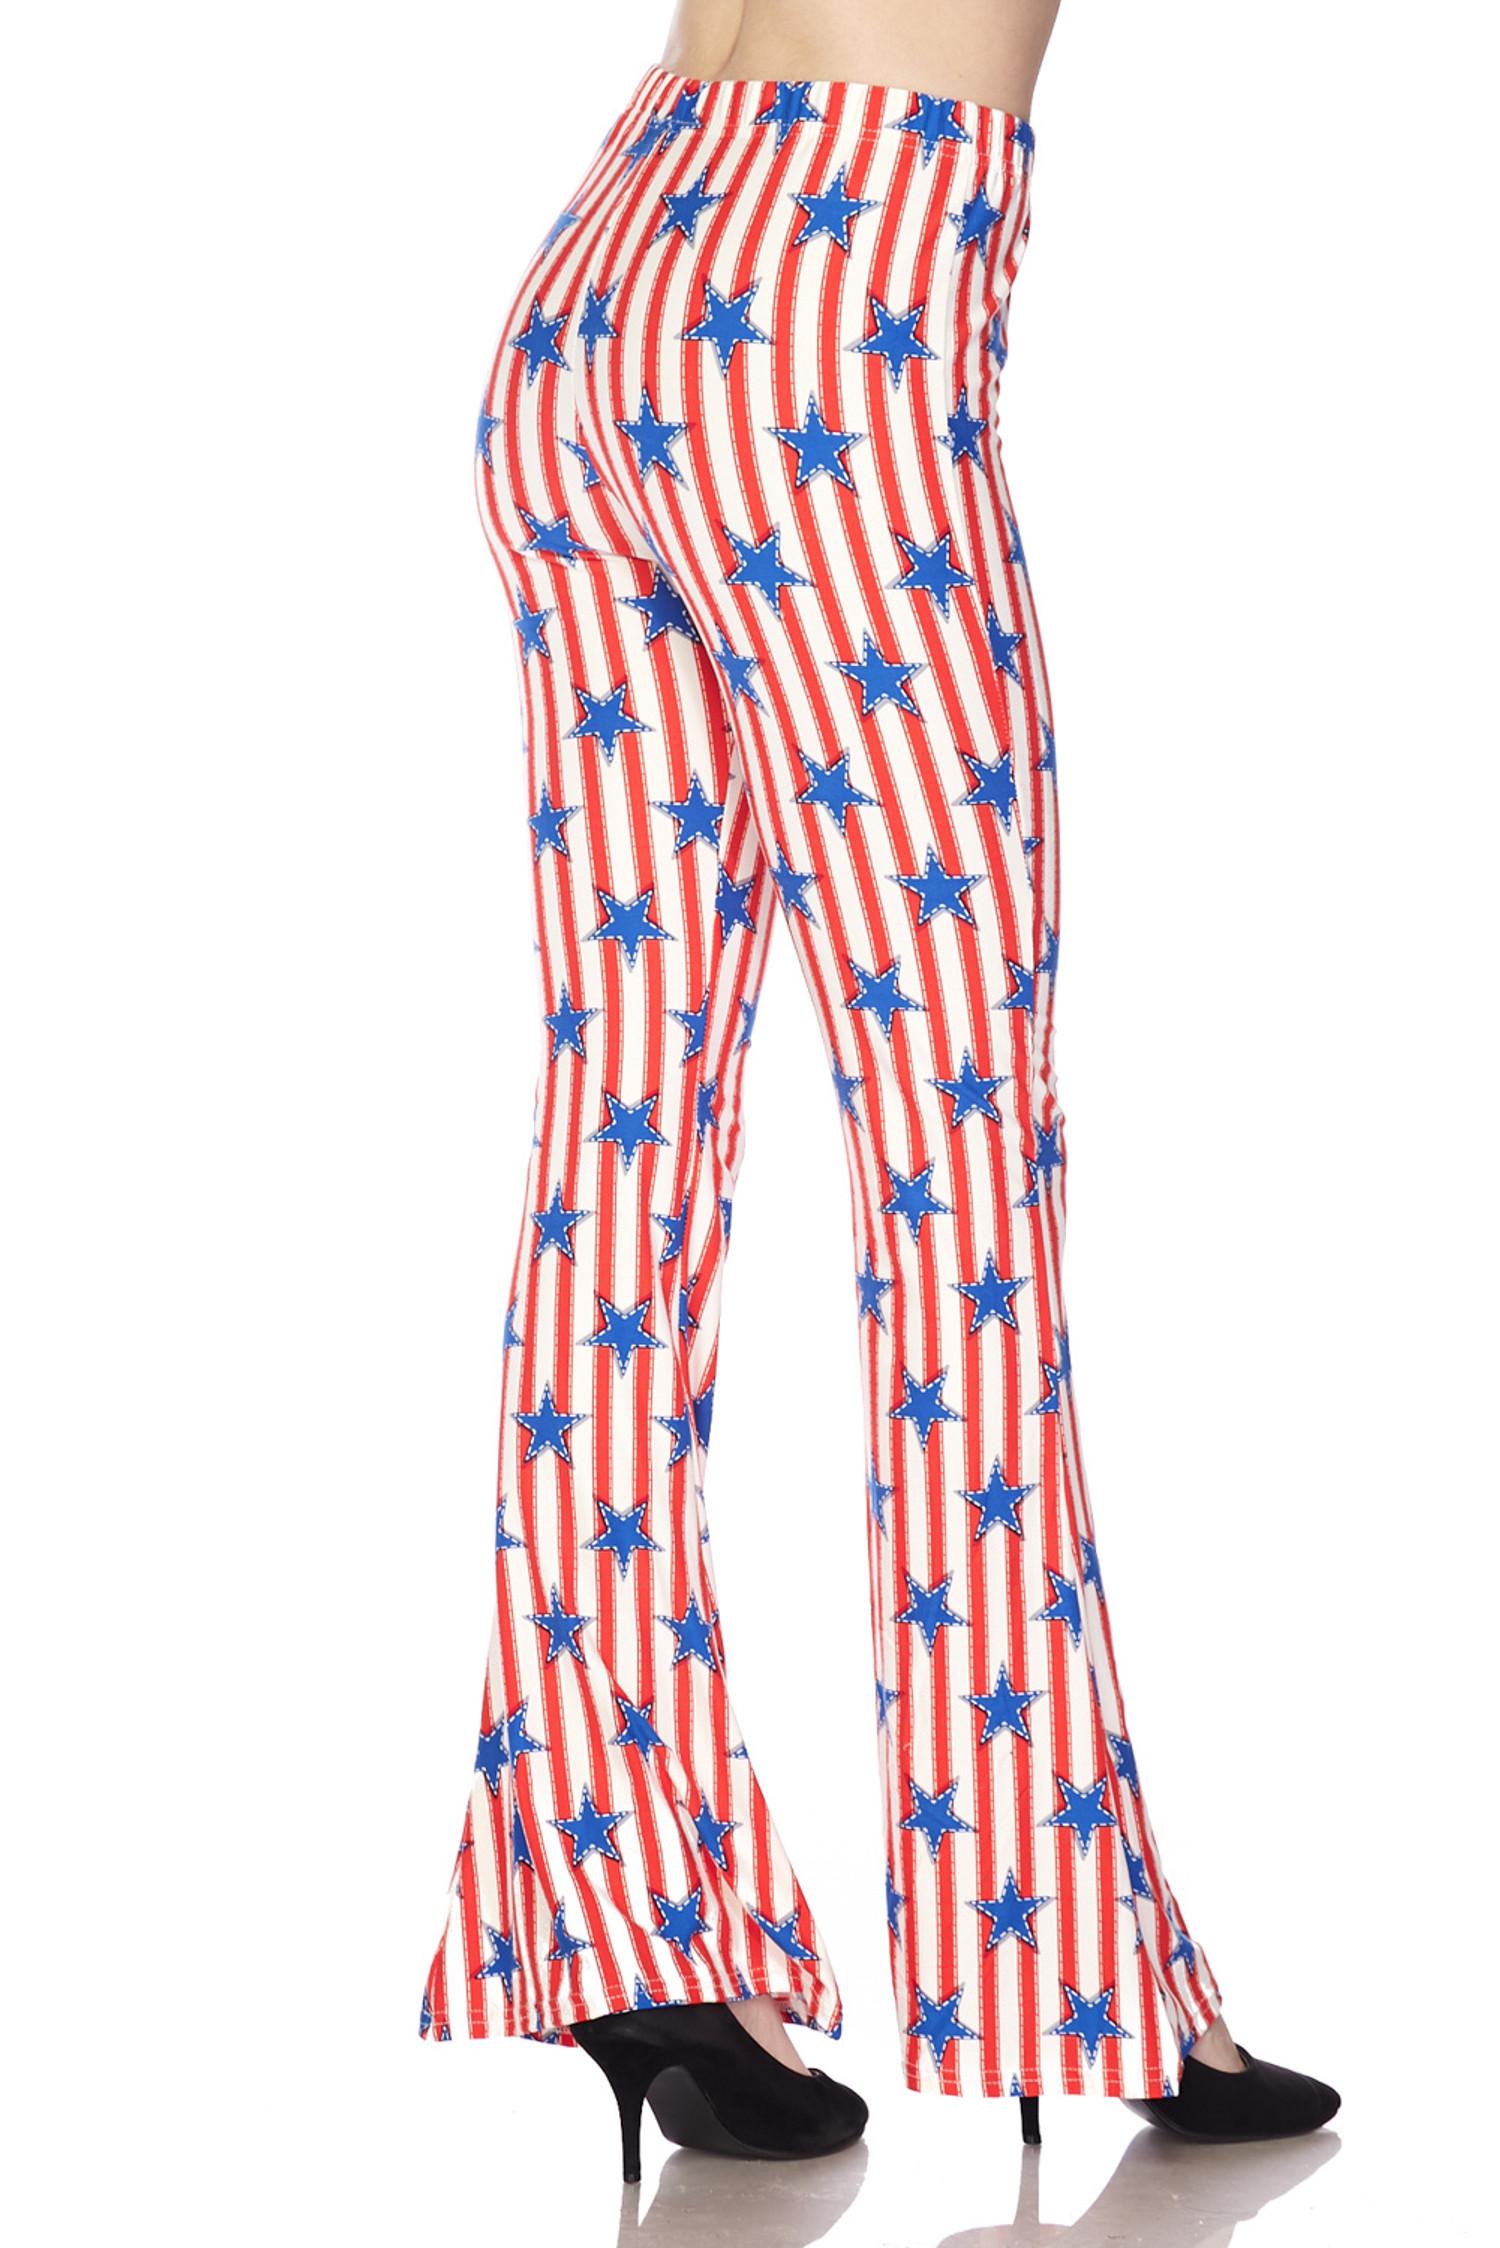 Buttery Soft Vertical Stars on Stripes Bell Bottom Leggings